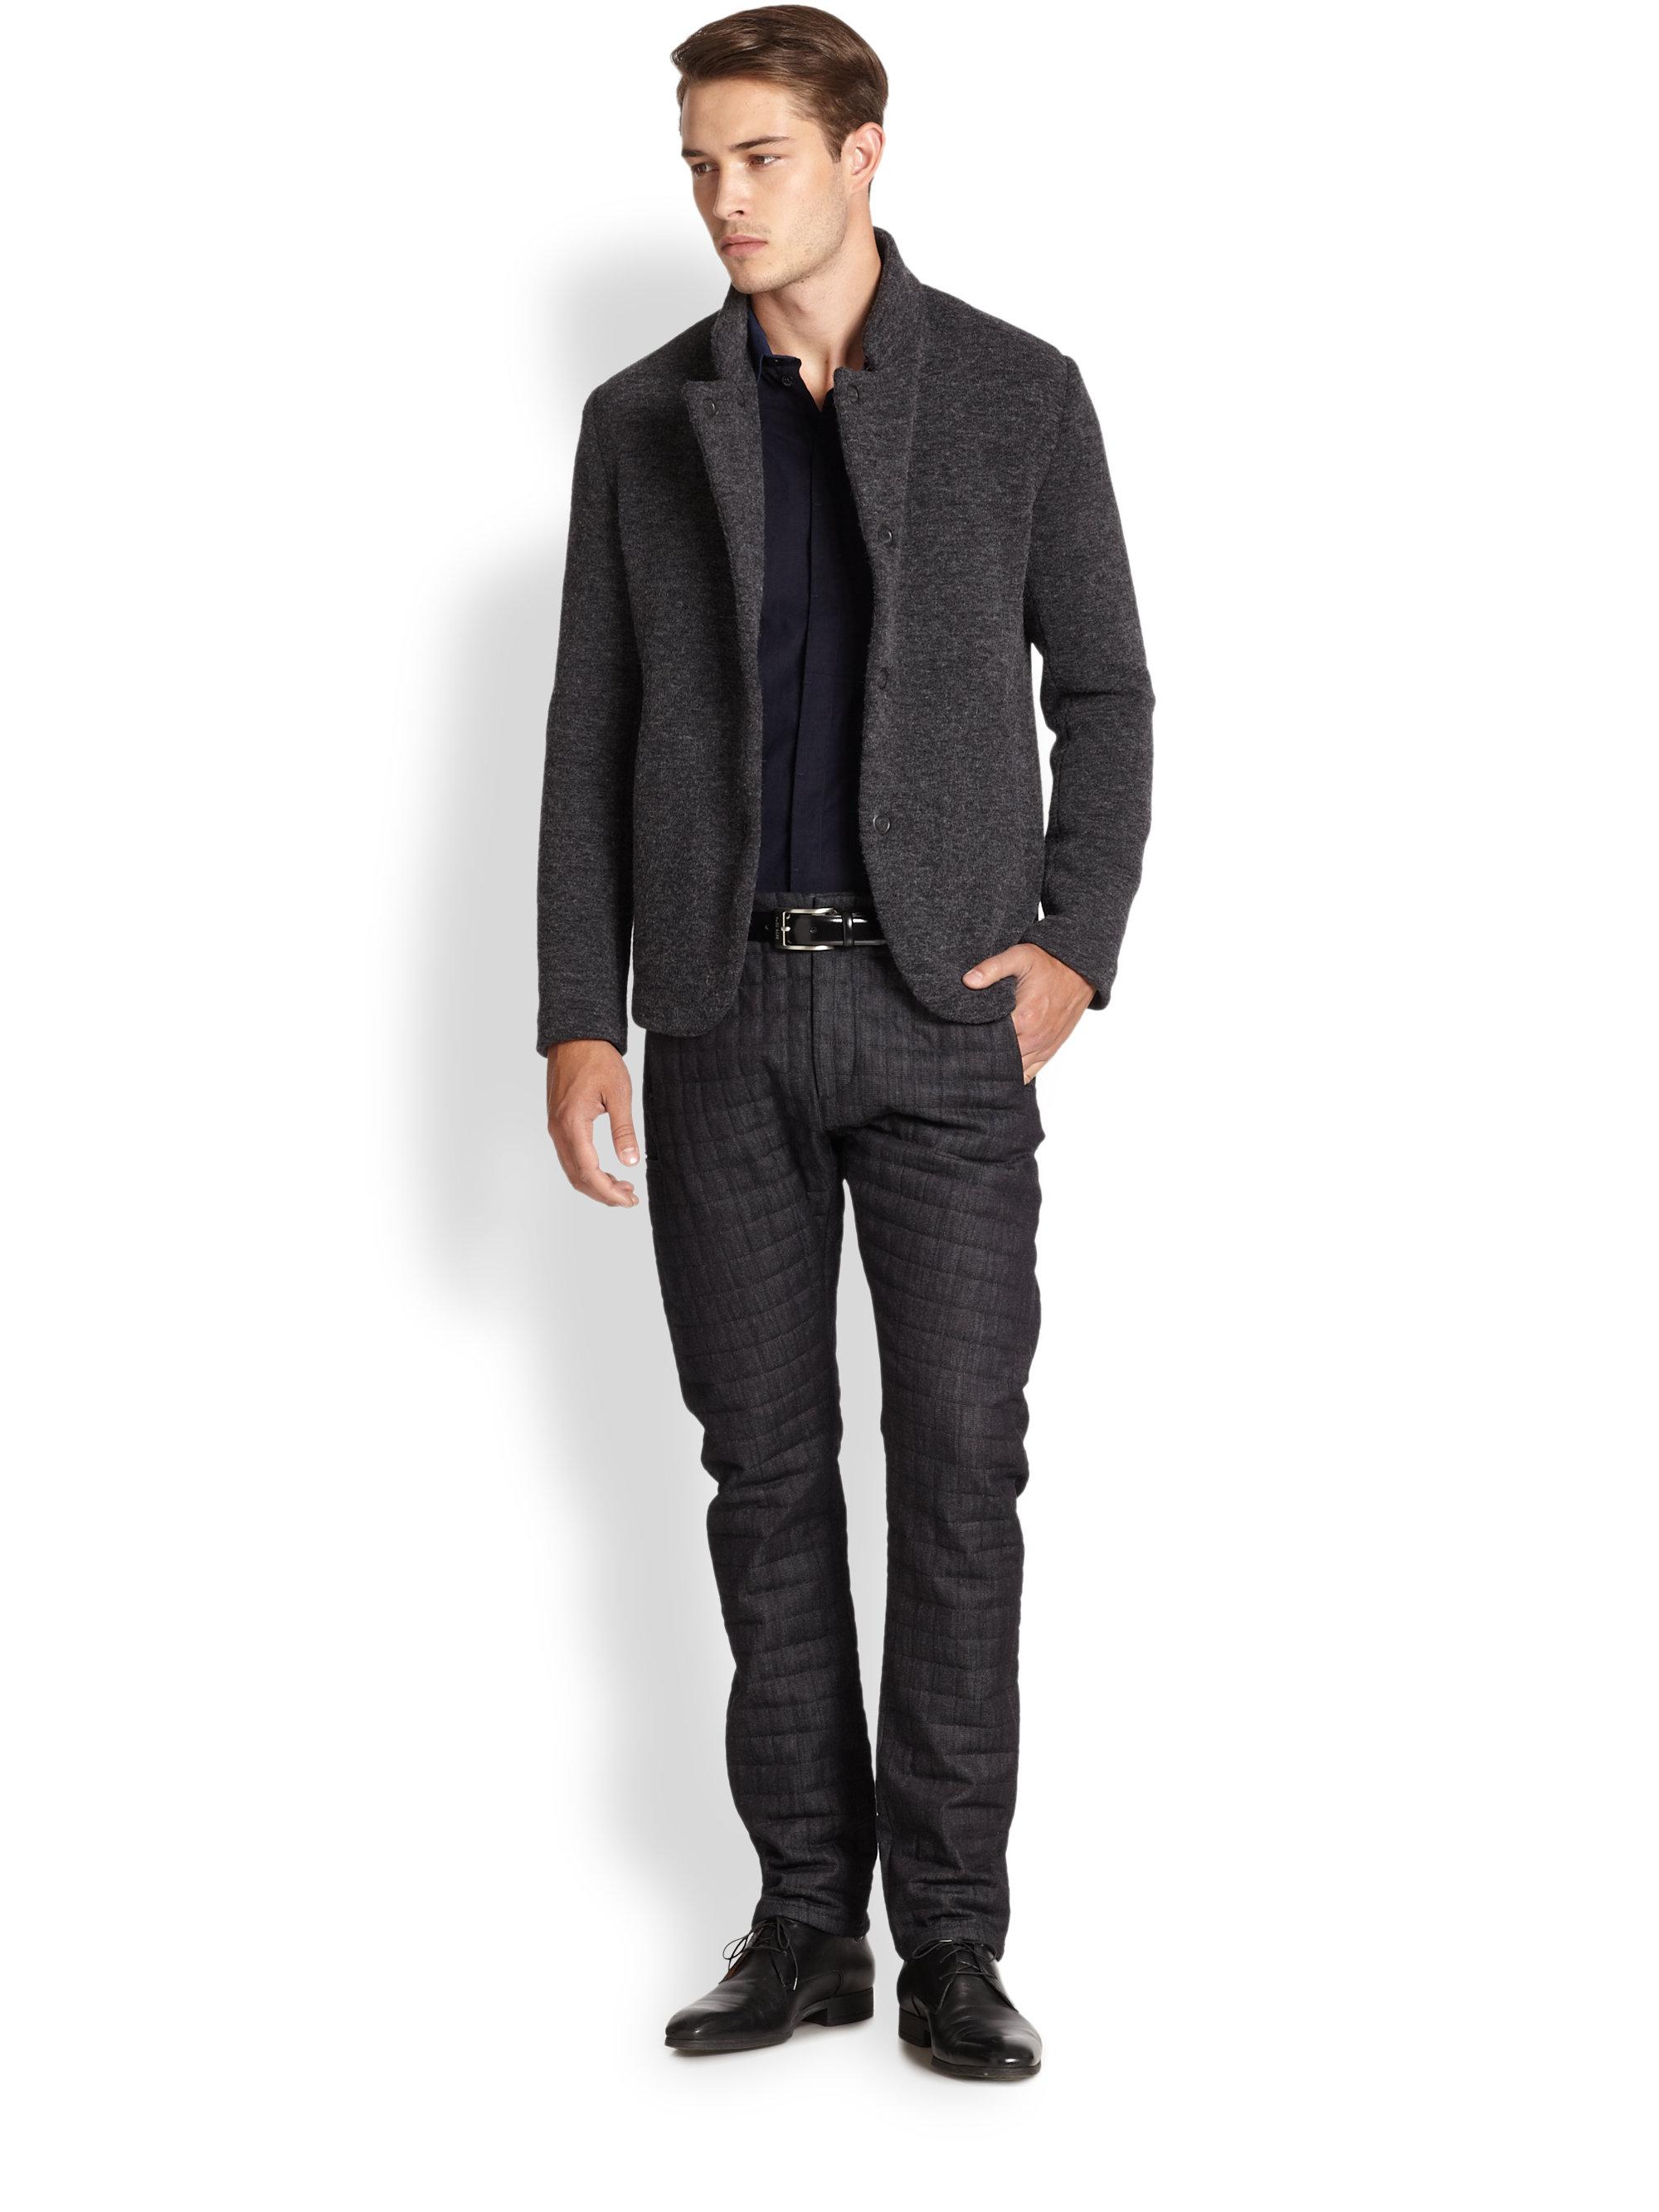 Armani Jersey Guru Jacket In Charcoal Gray For Men Lyst